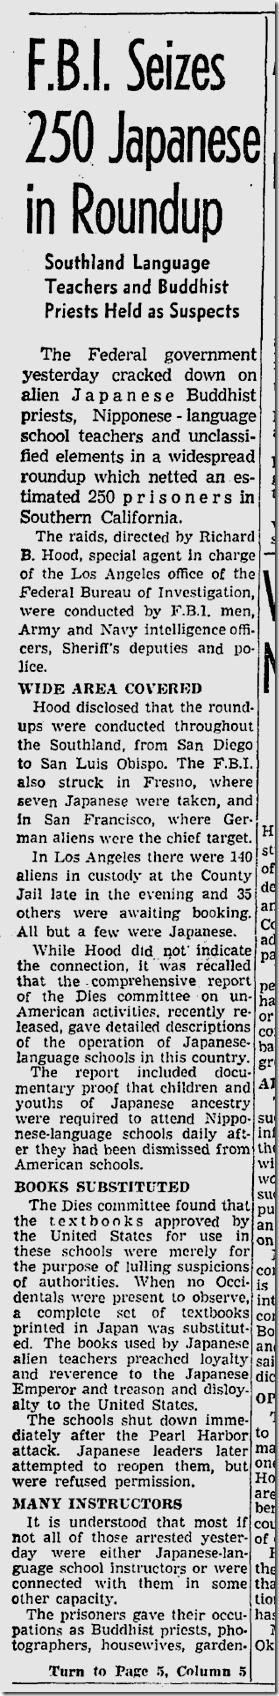 March 14, 1942, FBI Arrests Japanese